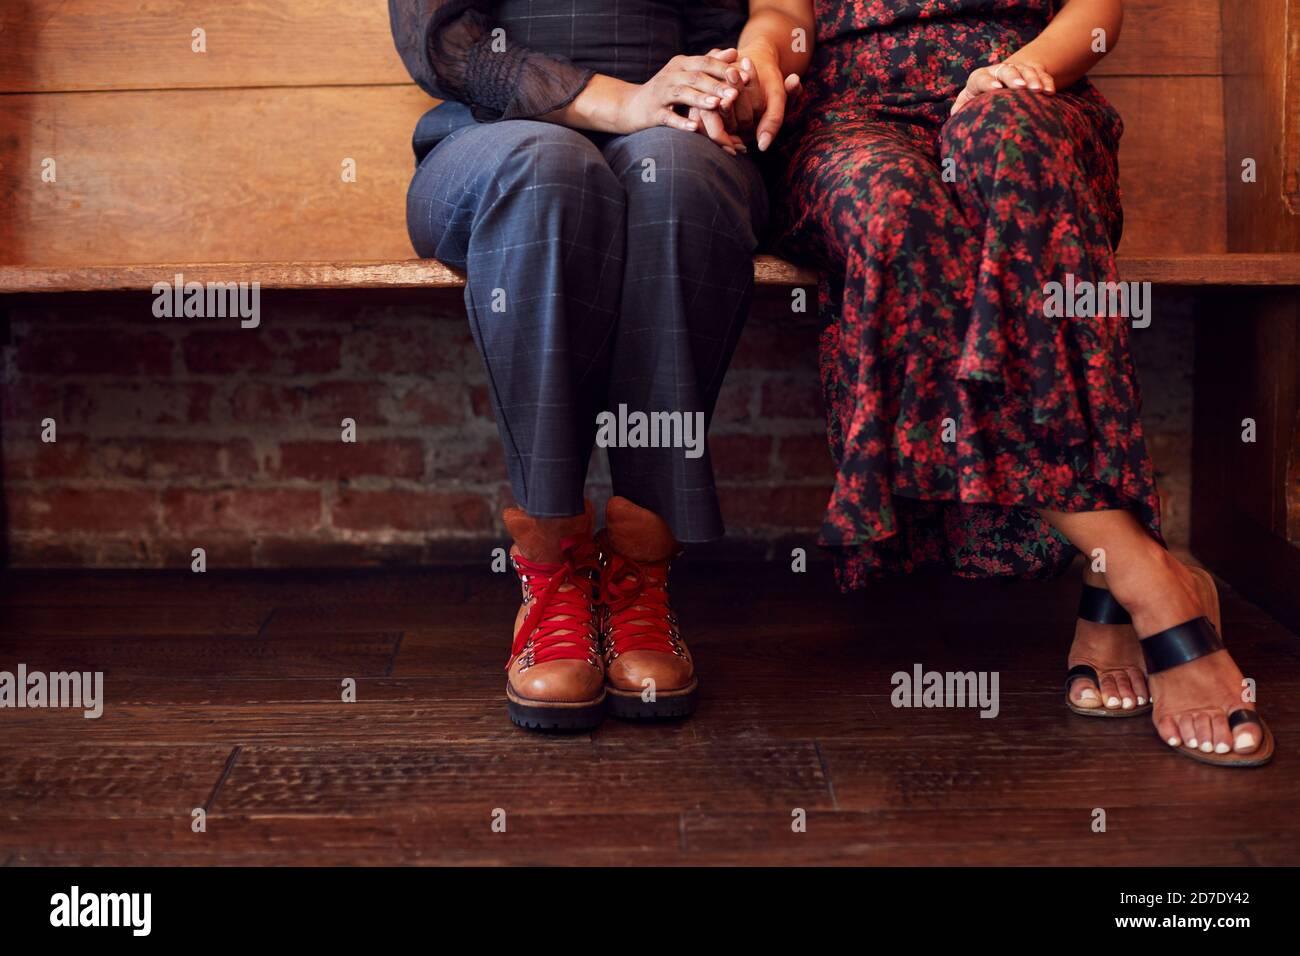 Gros plan sur les pieds du même sexe couple de femmes tenant Mains assises ensemble sur la banquette Banque D'Images